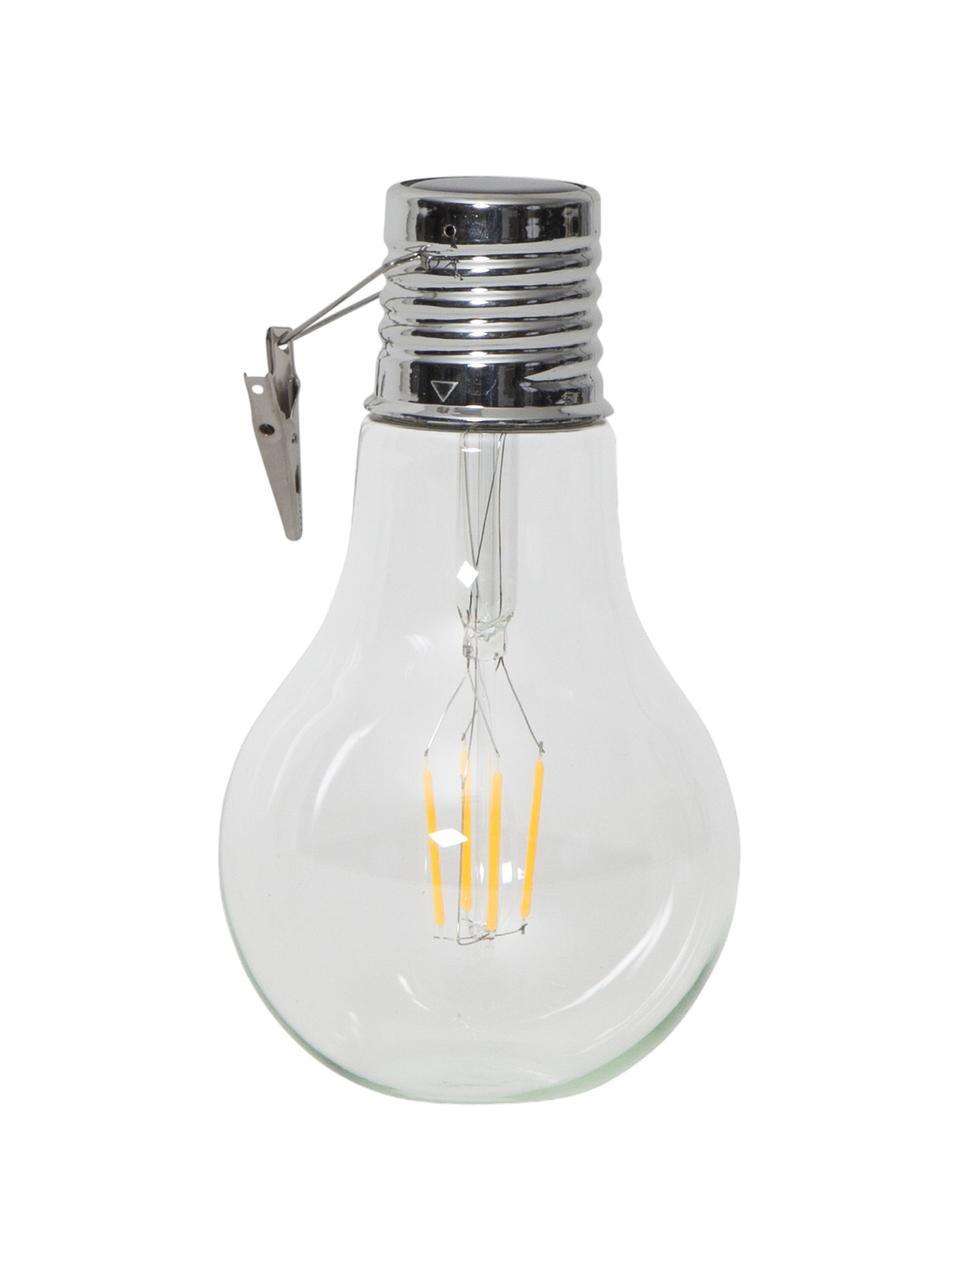 Solar hanglampen Fille, 2 stuks, Lampenkap: glas, Fitting: edelstaal, Transparant, Ø 10 x H 18 cm